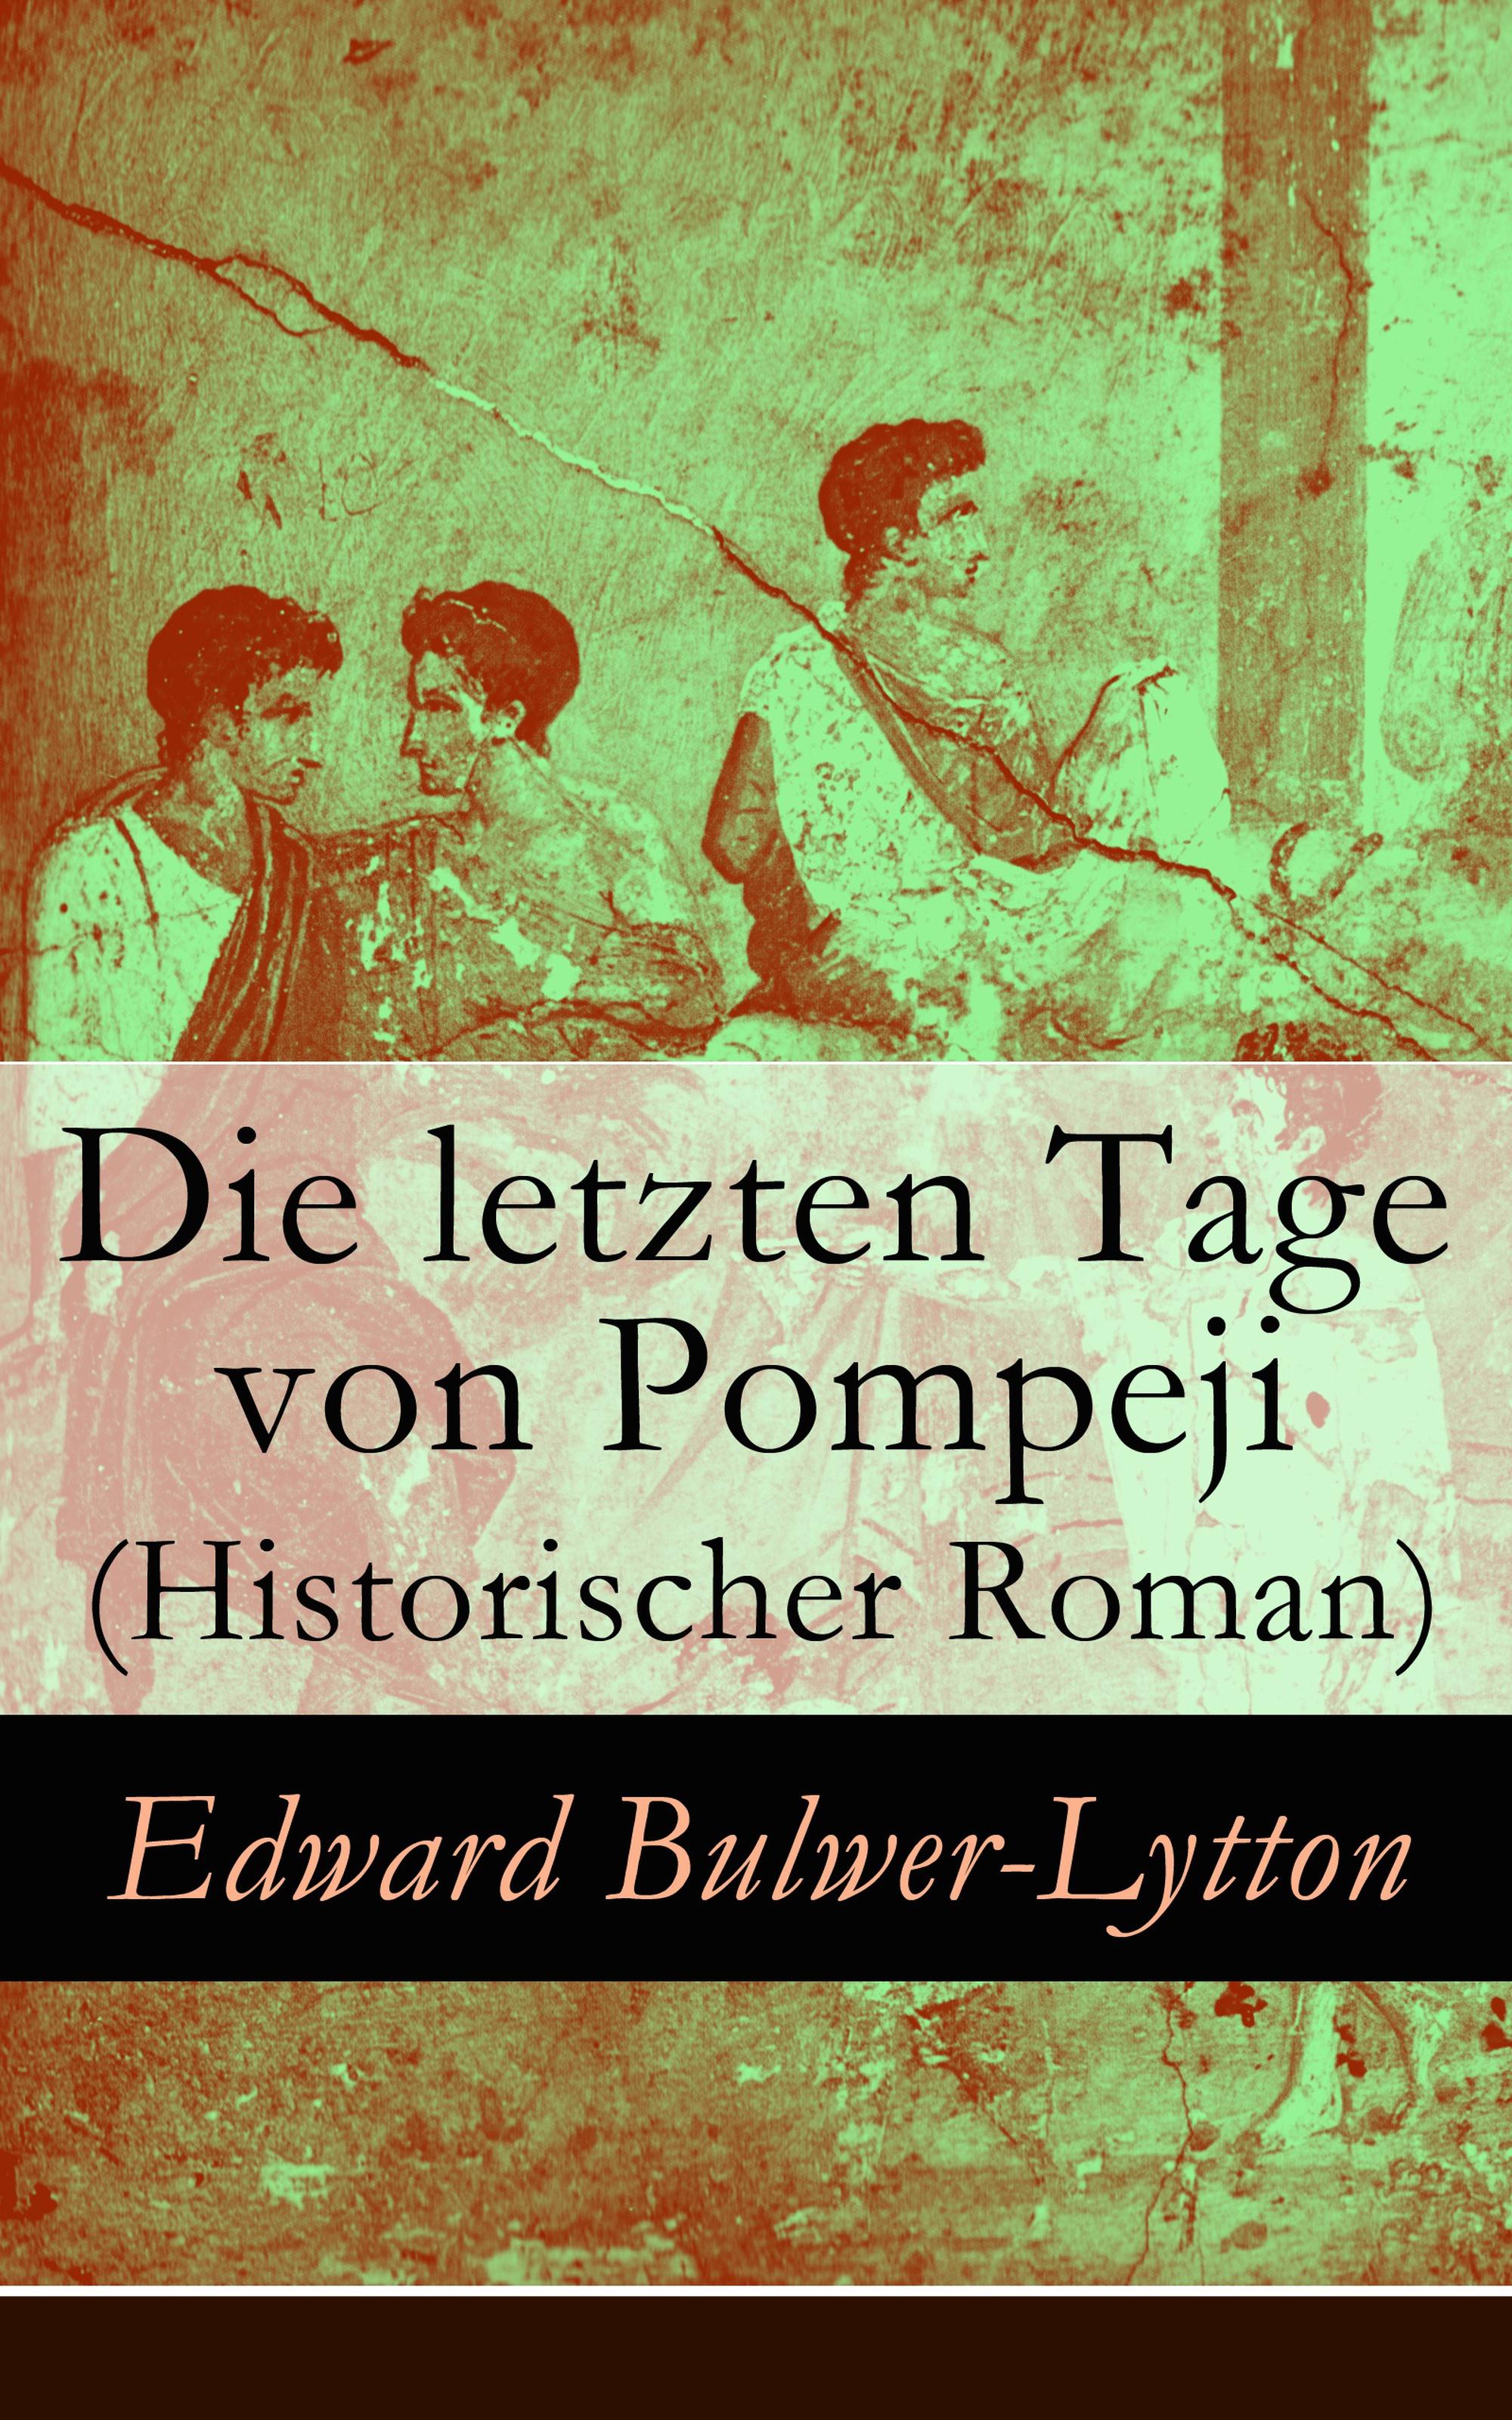 Die letzten Tage von Pompeji (Historischer Roman)